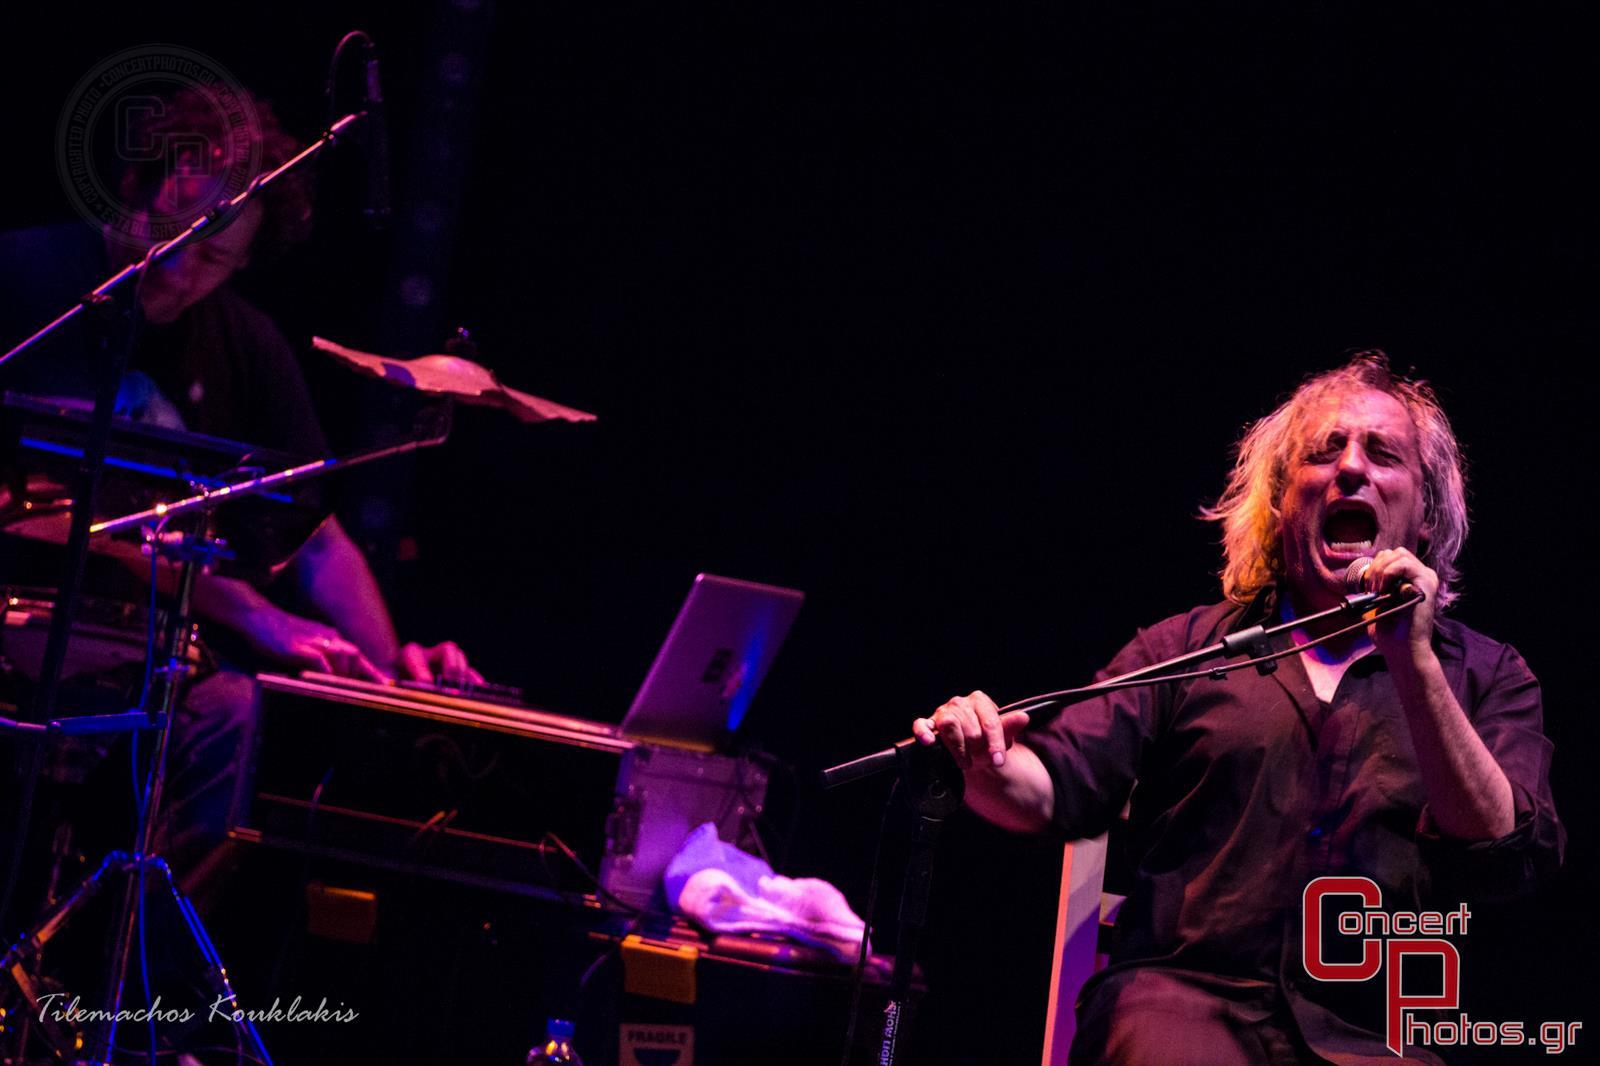 Γιάννης Αγγελάκας - Σύννεφα με Παντελόνια-Aggelakas-2 photographer:  - concertphotos_-1405153149